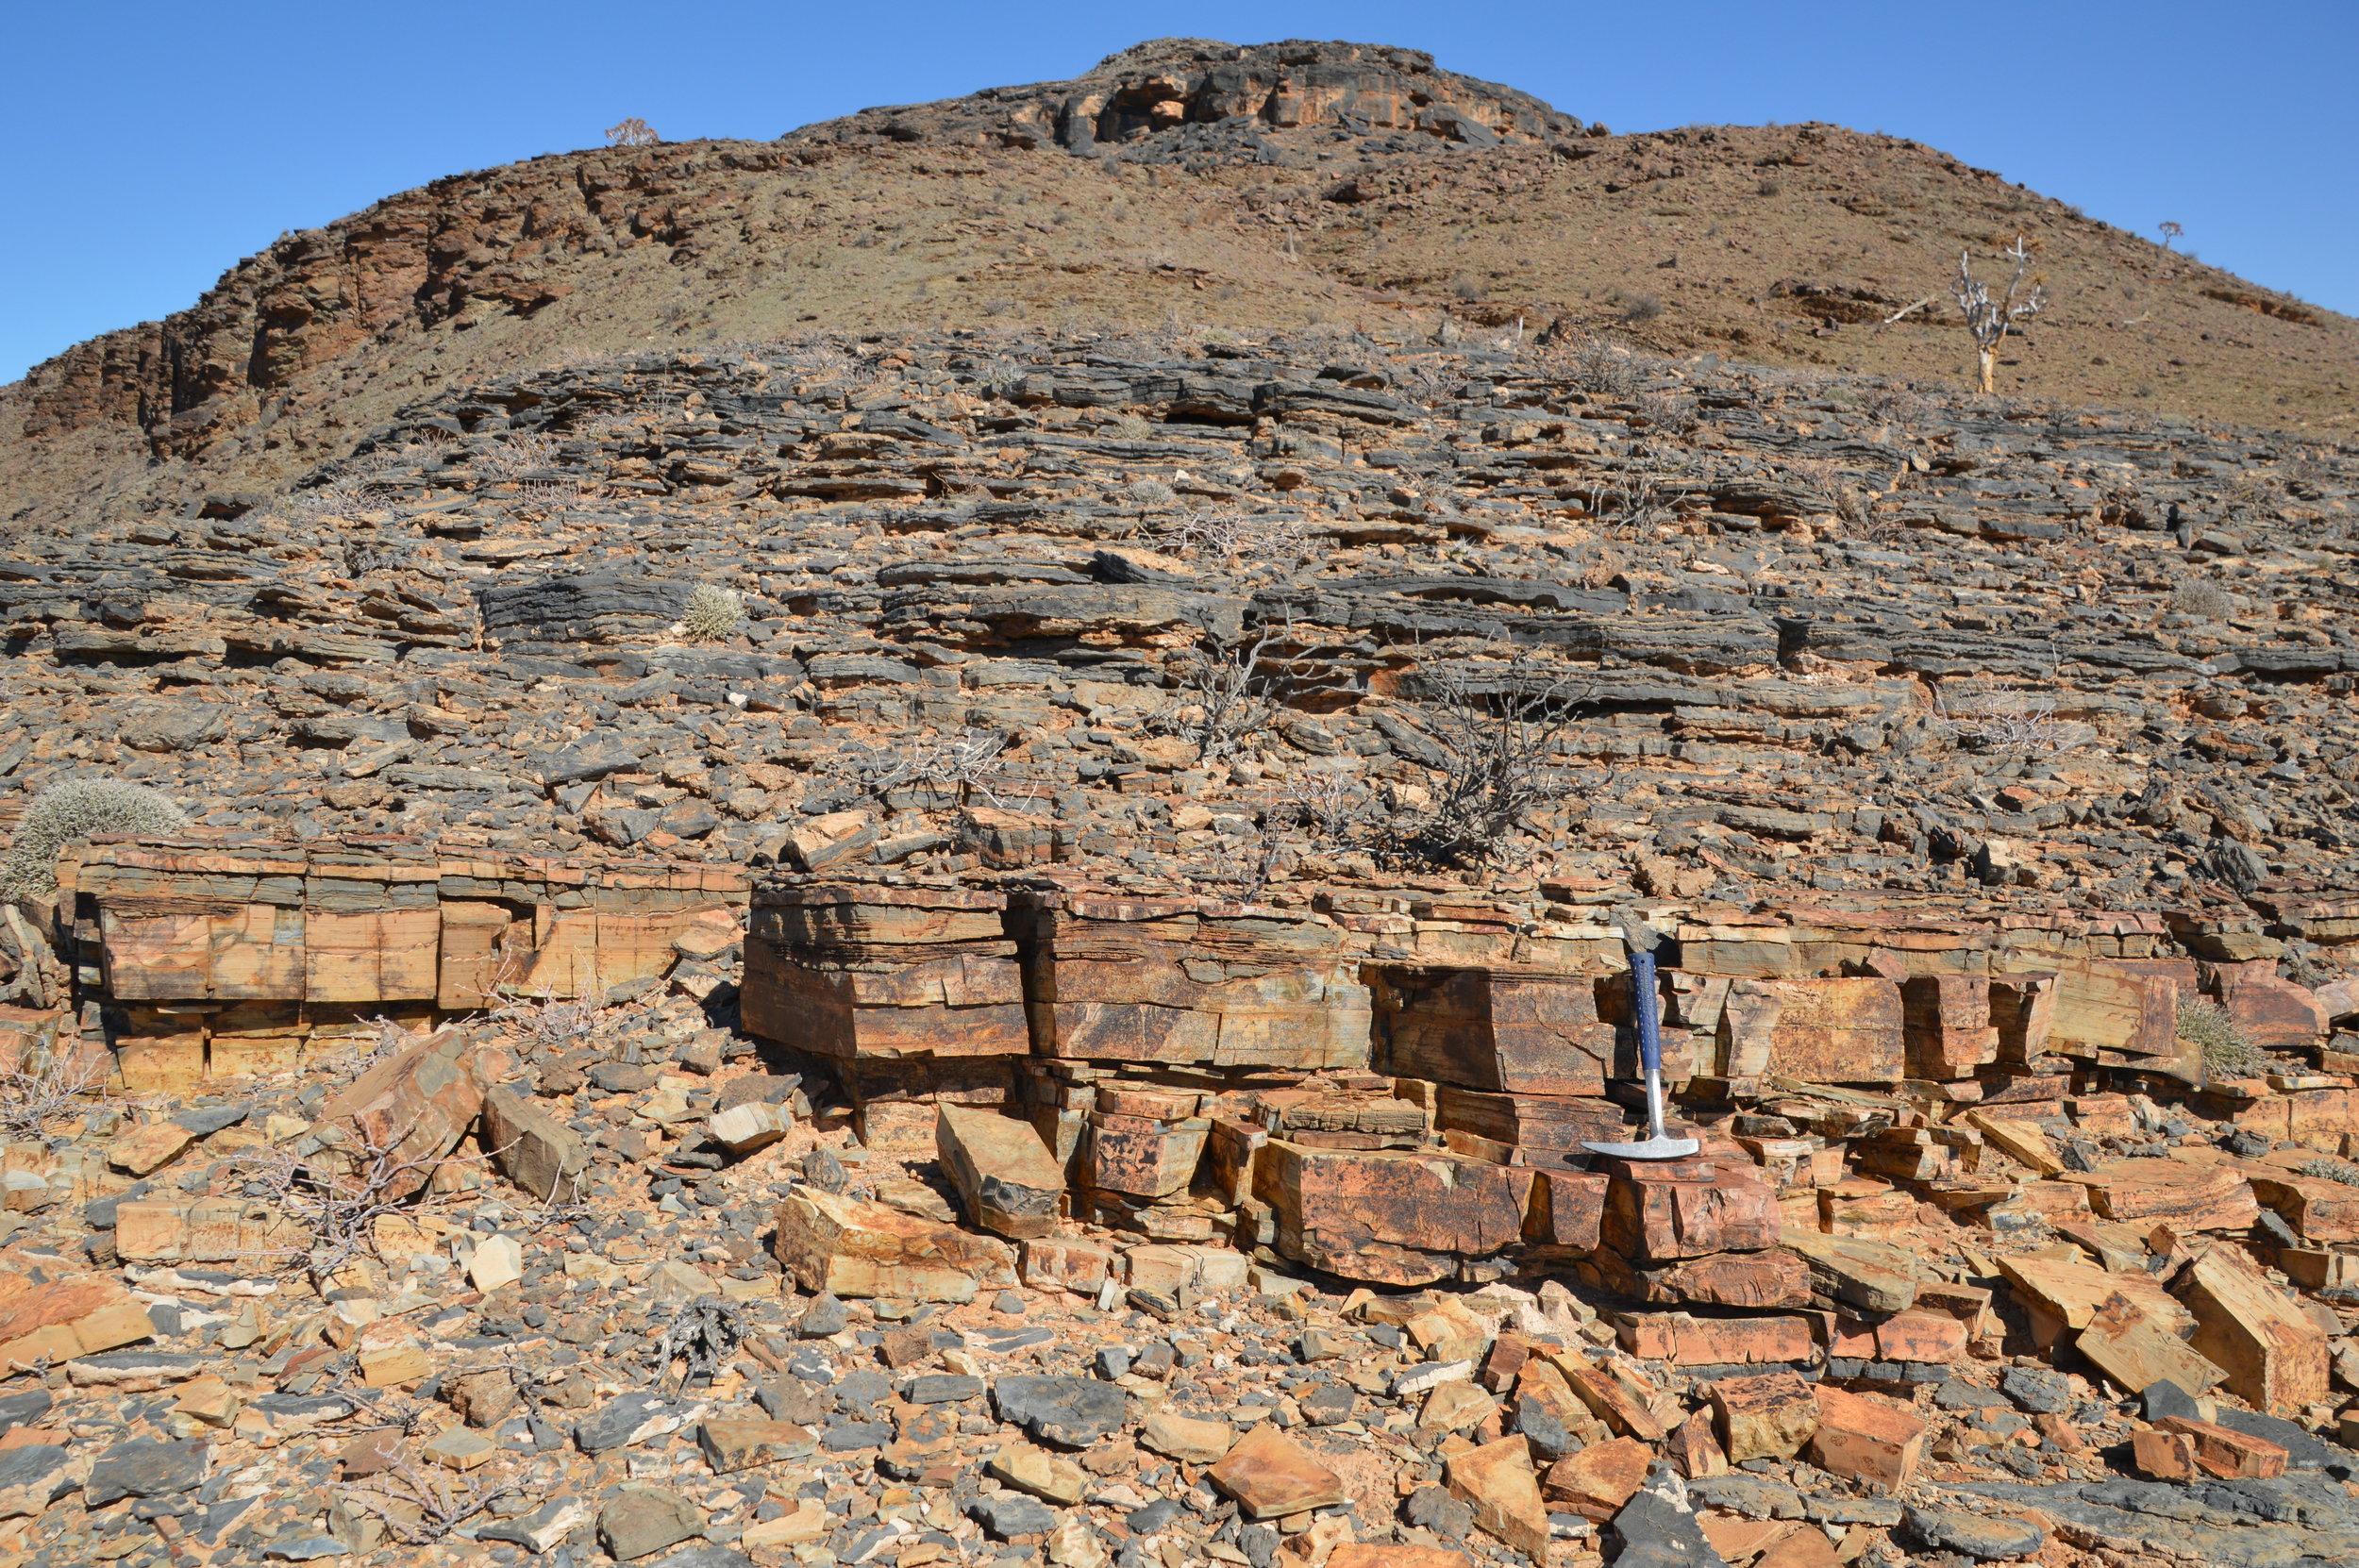 An Ediacaran ash in Namibia